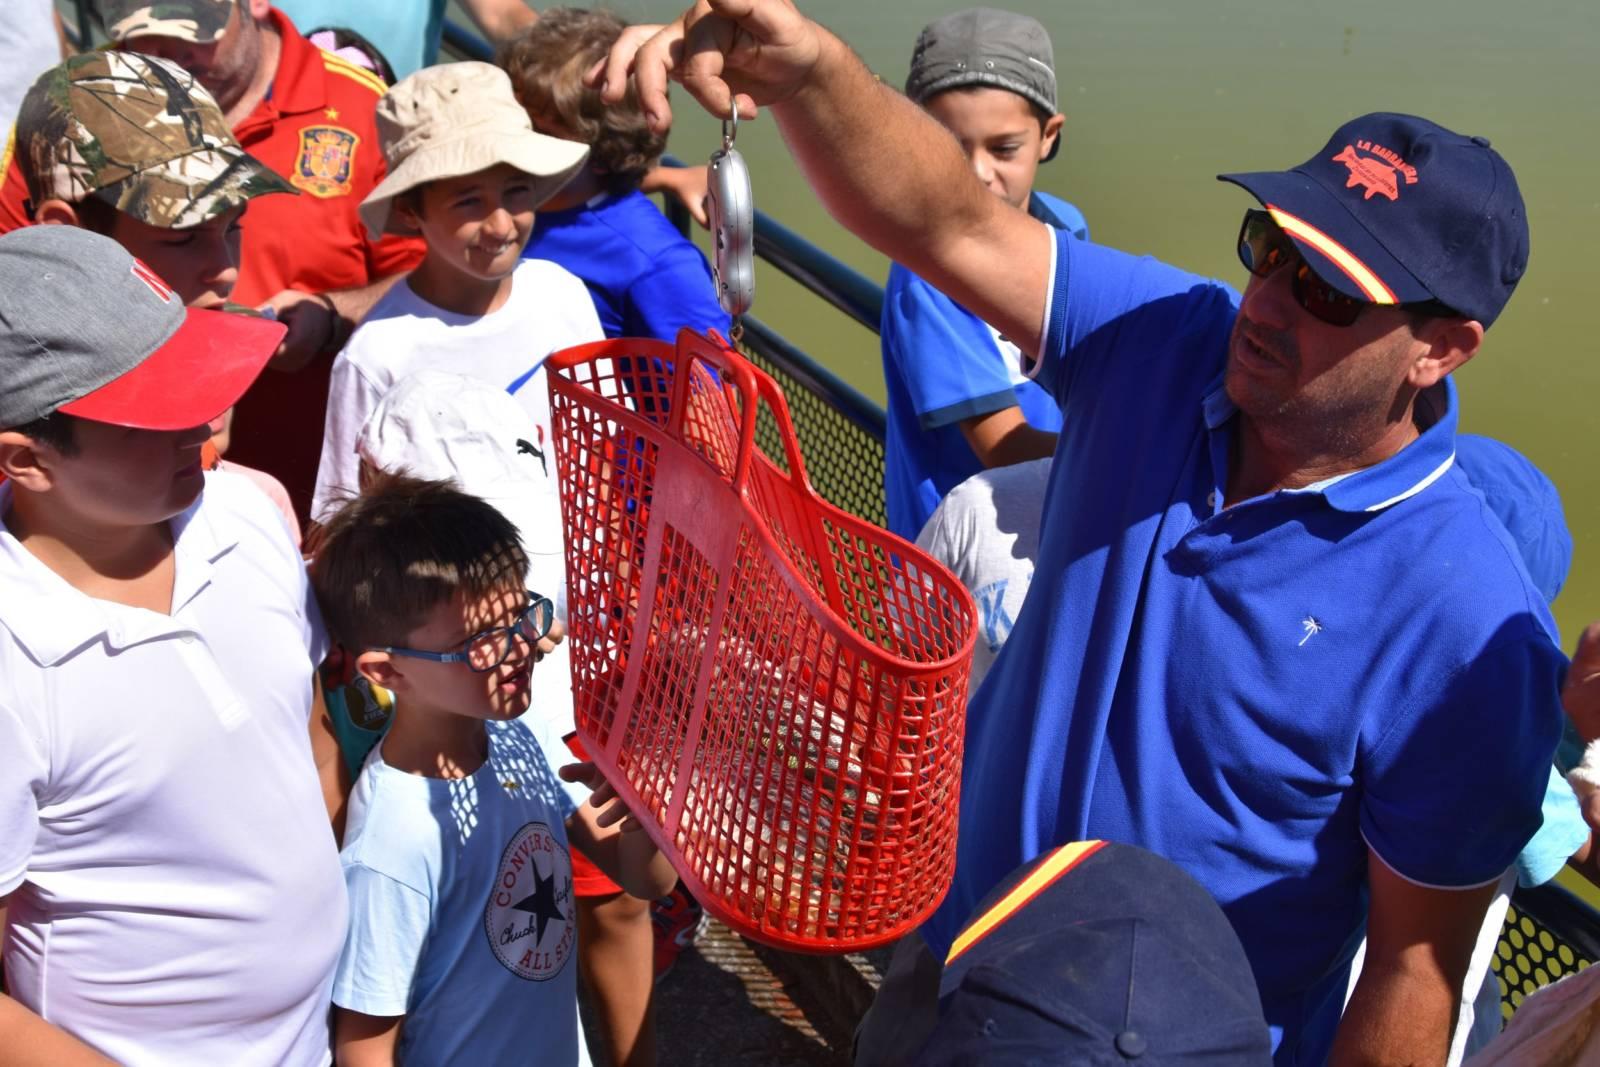 Más de 50 niños participaron en el concurrido concurso de pesca